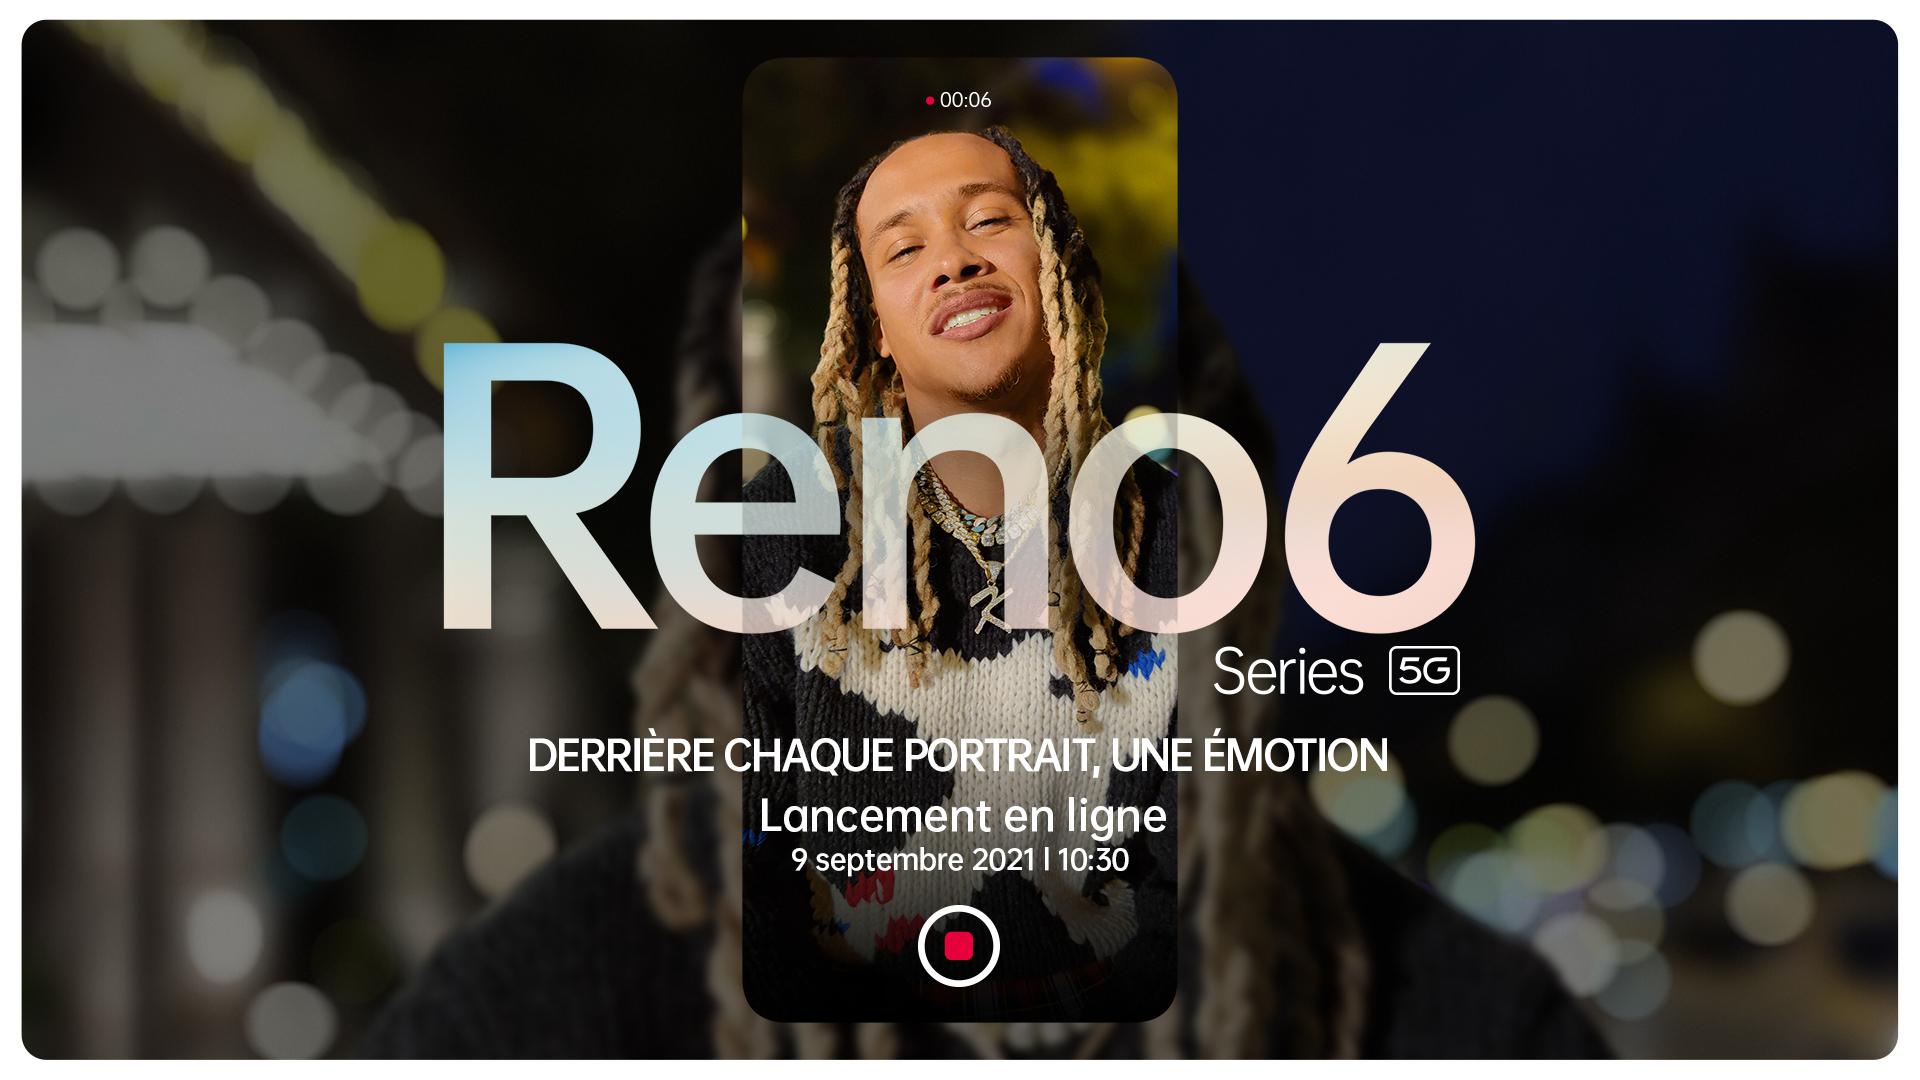 Le live de présentation de la OPPO gamme Reno6, c'est demain et c'est avec Frandroid !